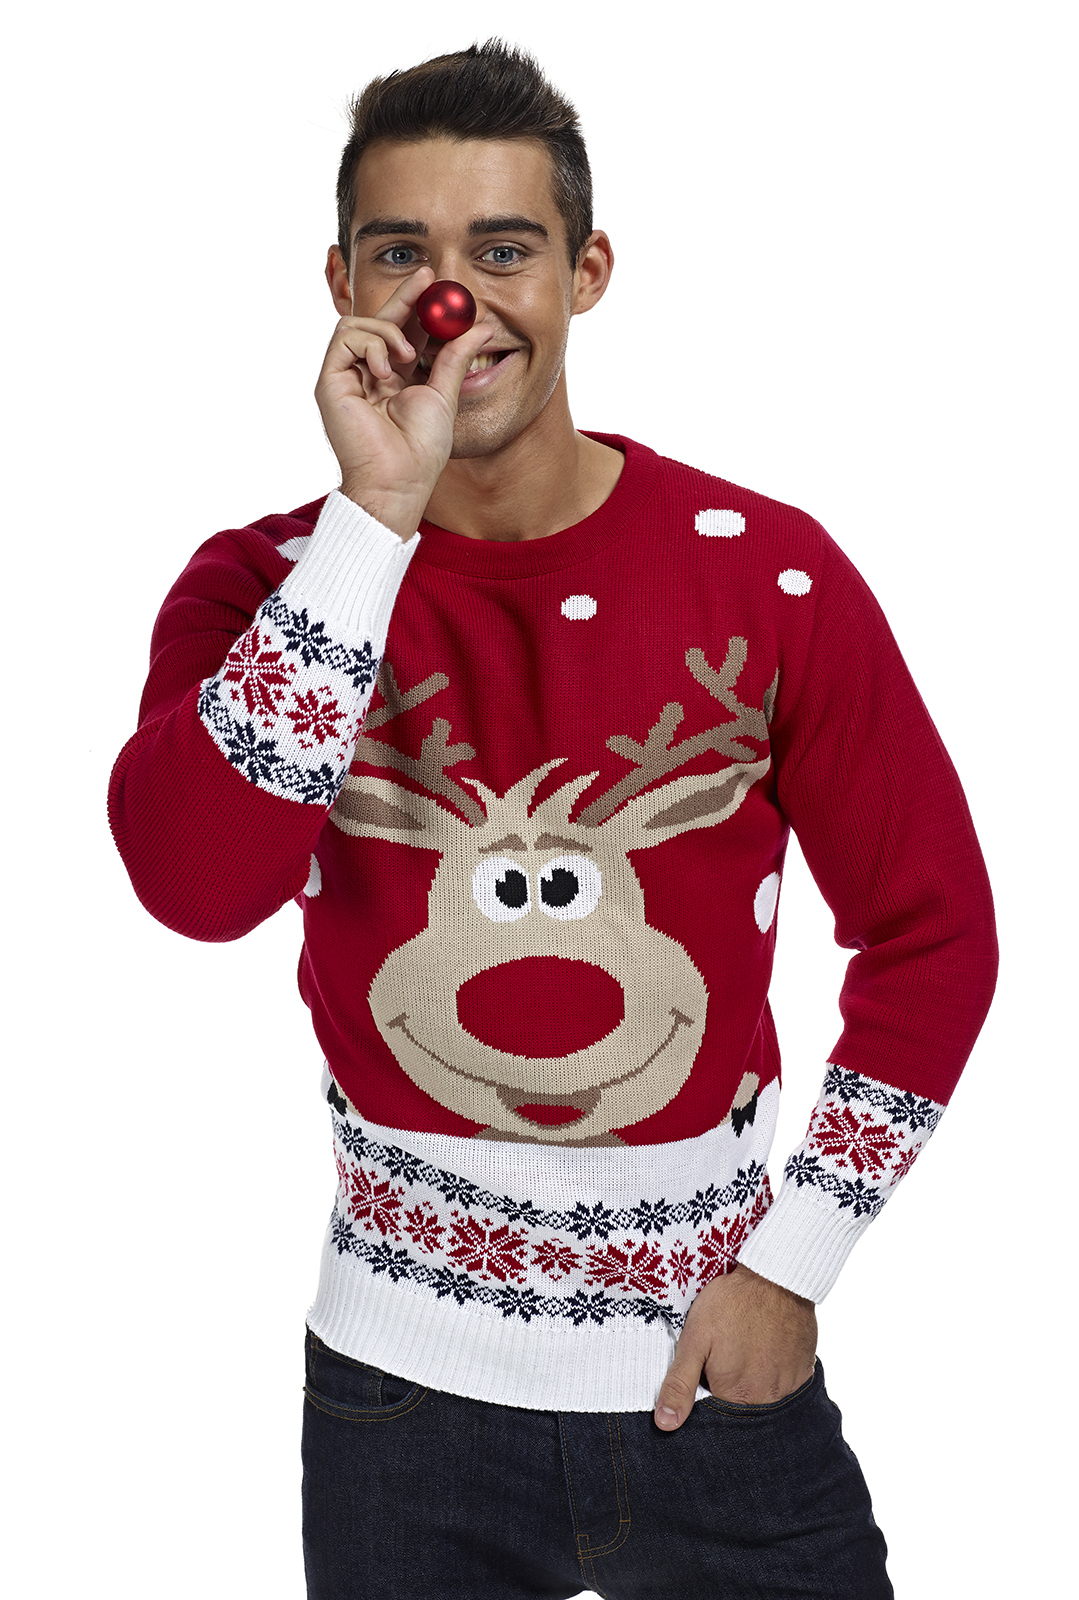 Lelijke Kersttrui Kopen.Kersttrui Met Rendier Rudolph In Het Rood Foute Kersttrui Kopen